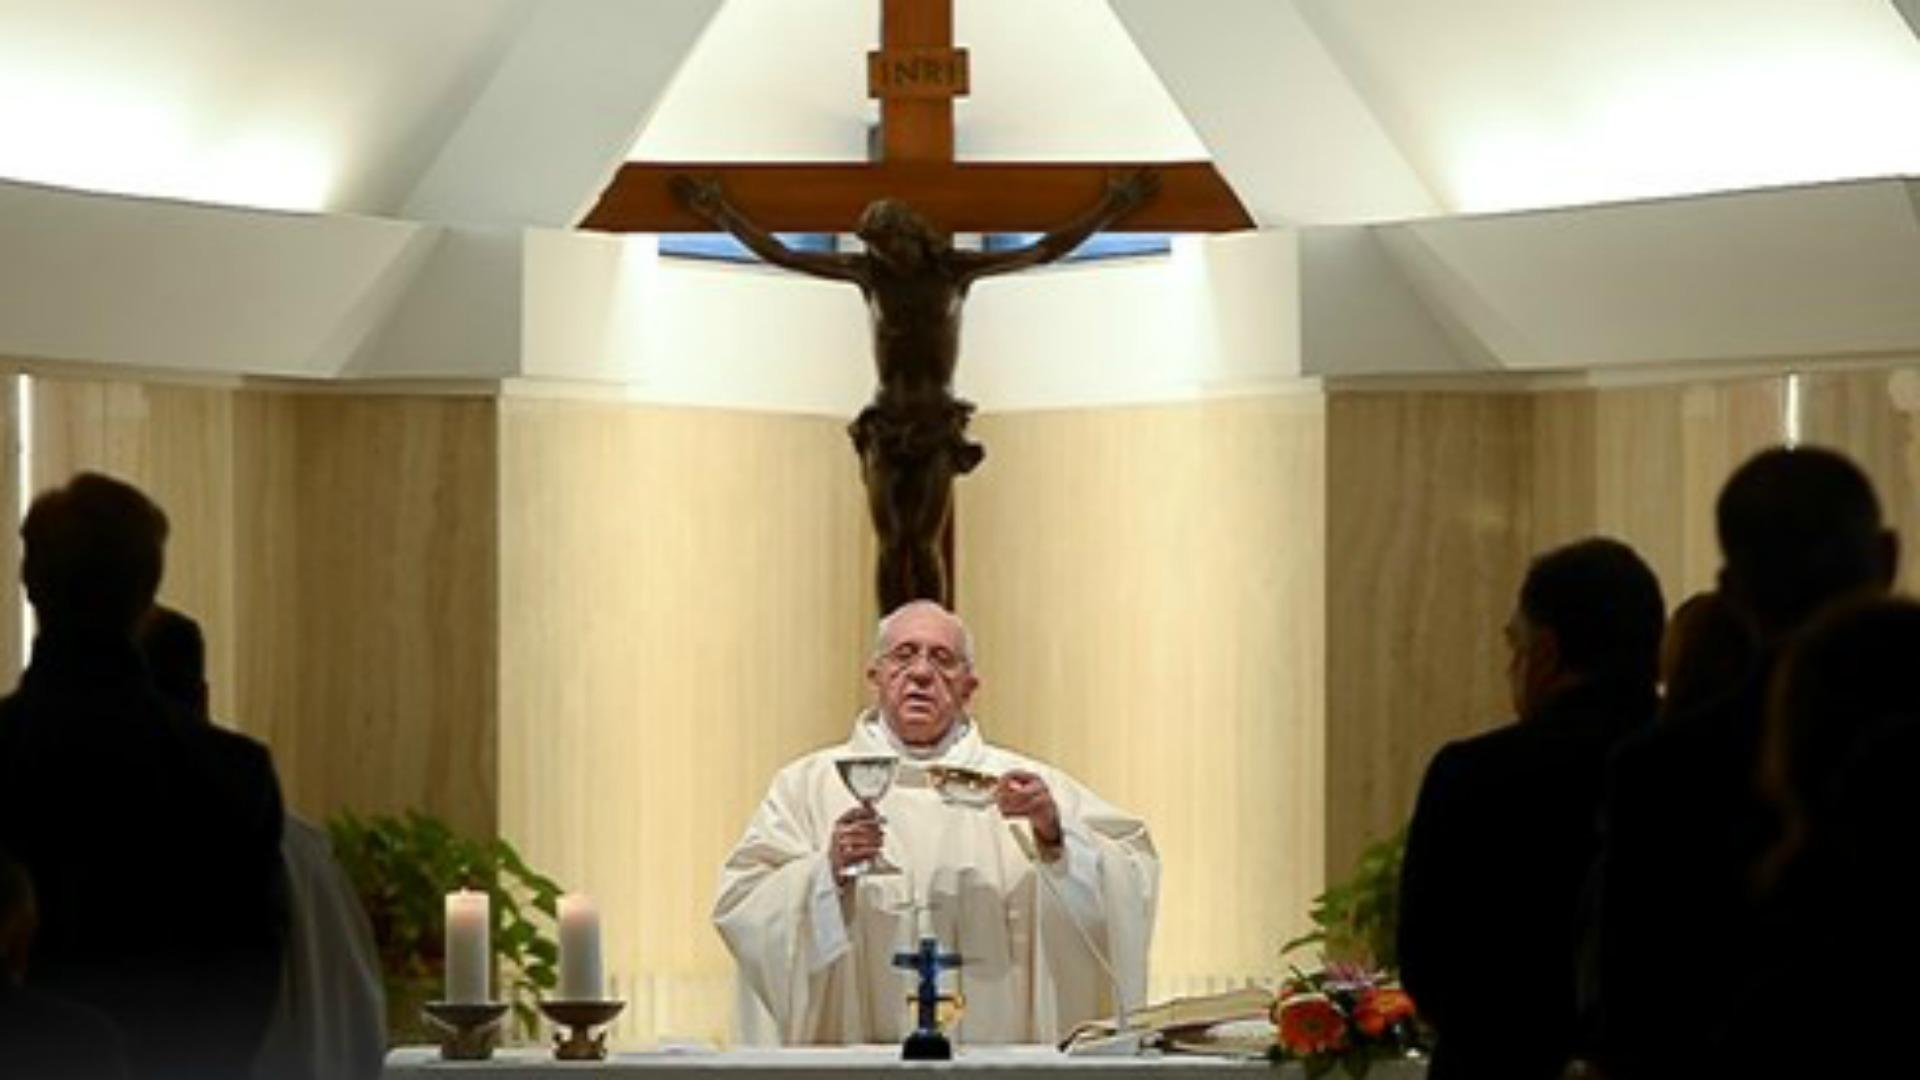 AVE MARIA pour notre Saint-Père le Pape François - Page 6 0215-05-25-pape-fran%C3%A7ois-Photo-Osservatore-Romano